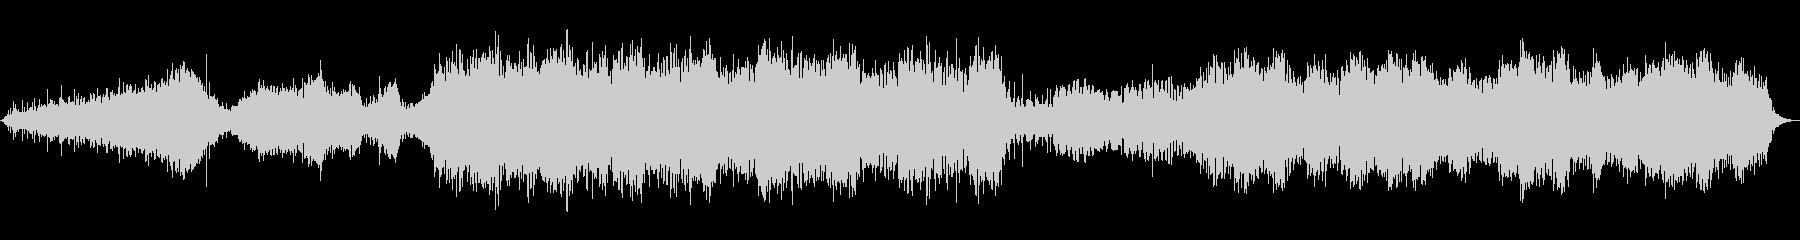 水の音とソルフェジオ周波数の癒しのBGMの未再生の波形